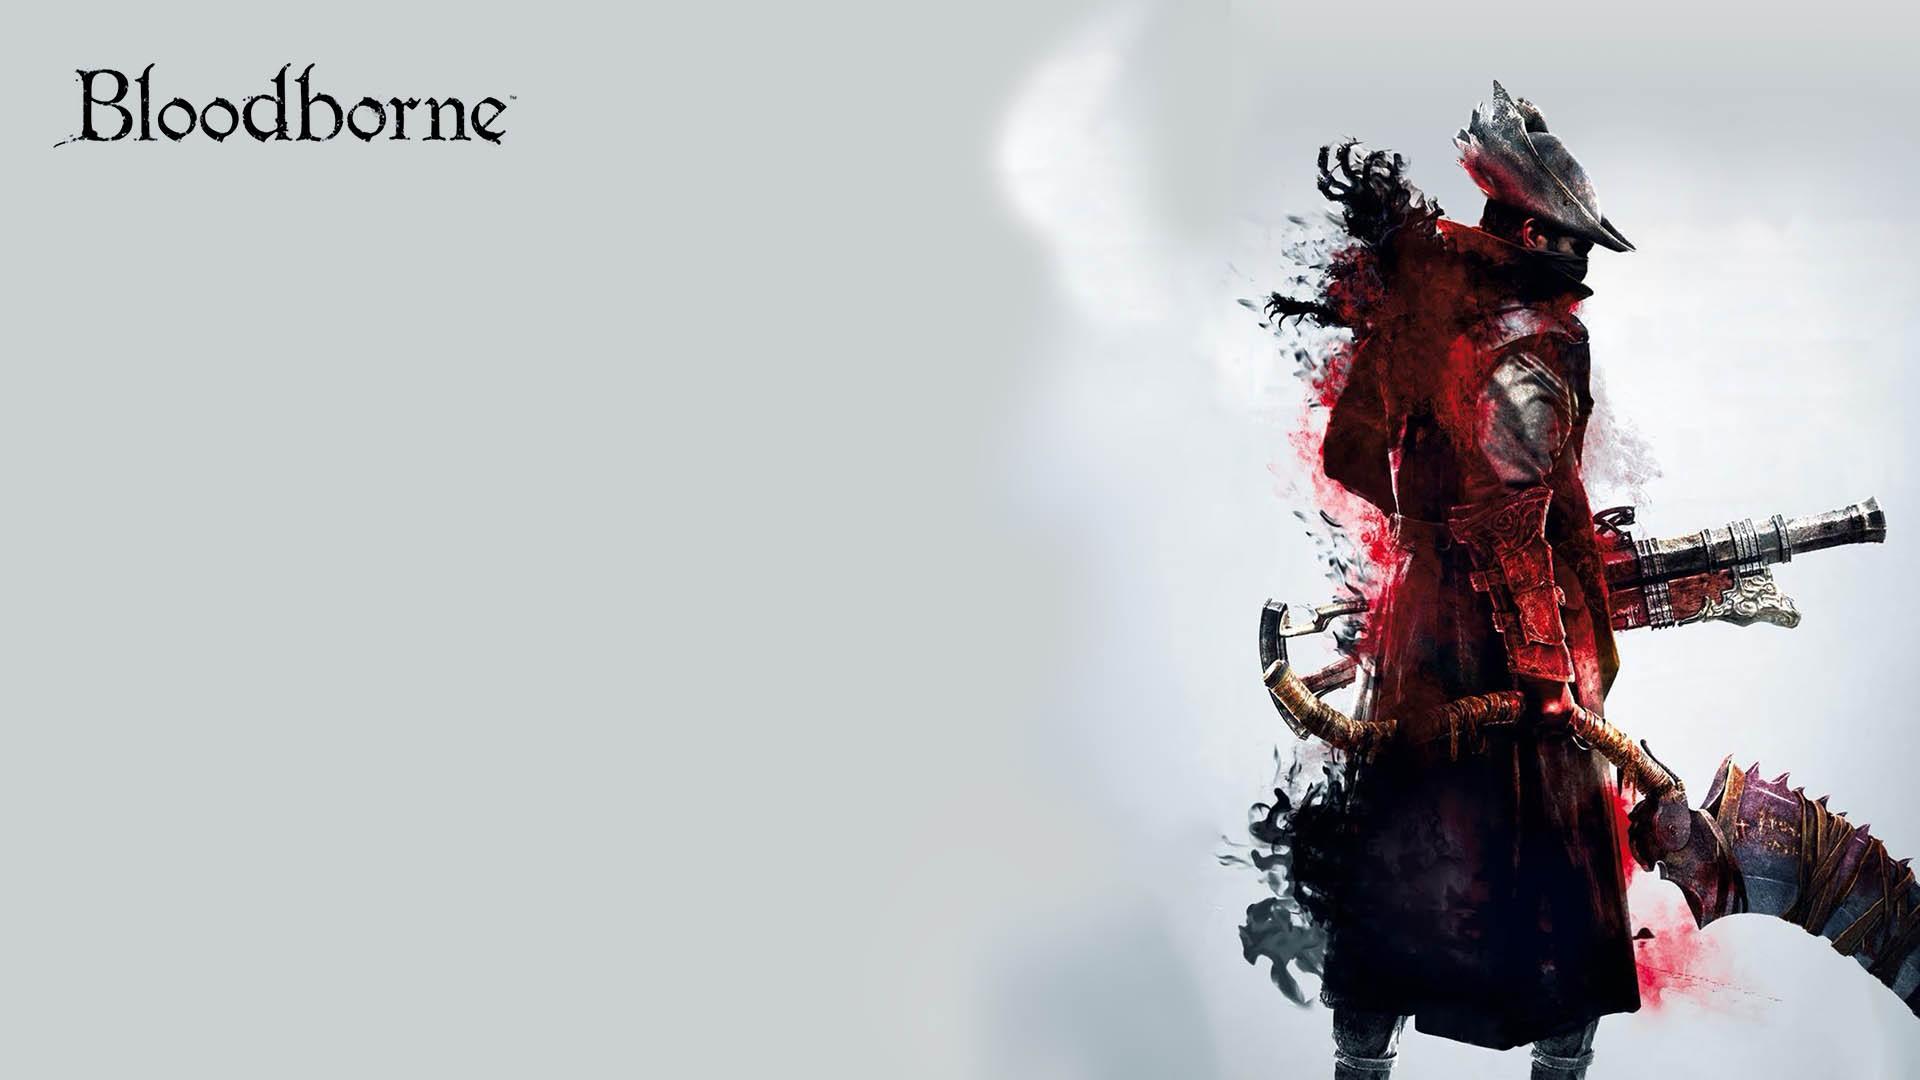 Bloodborne Wallpaper 1920x1080 183 ① Download Free Beautiful